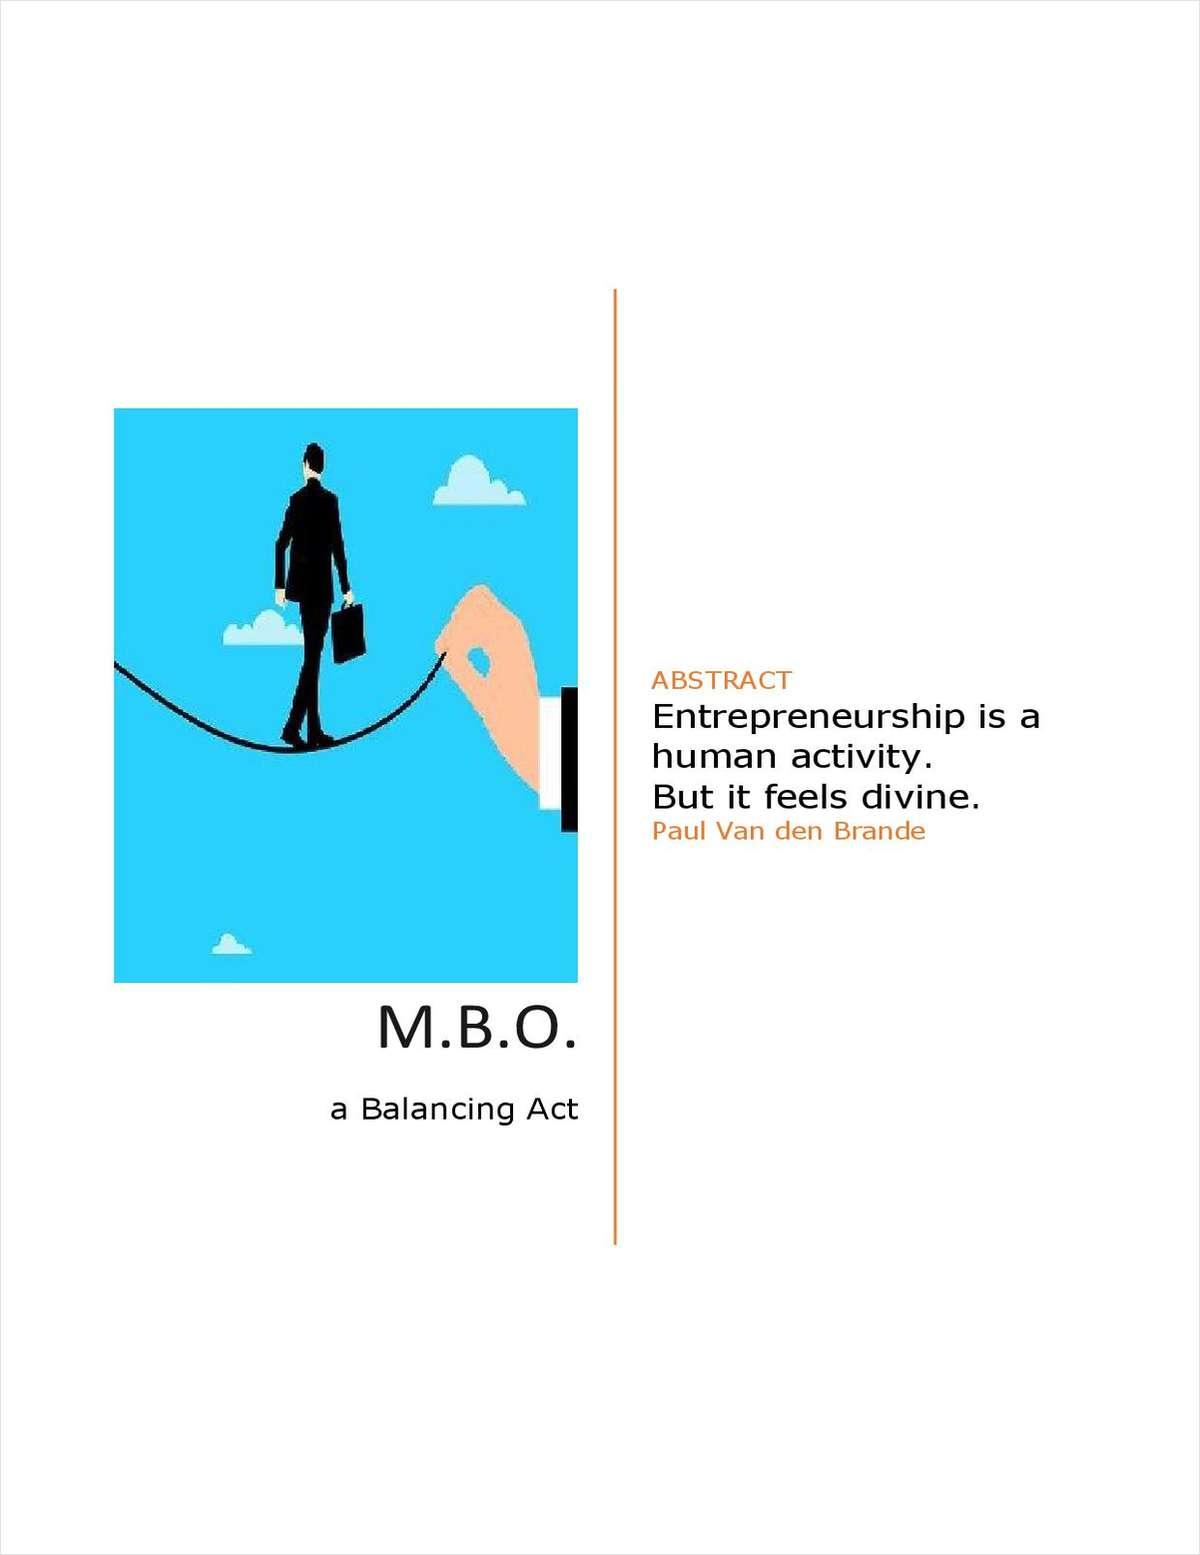 M.B.O. a Balancing Act